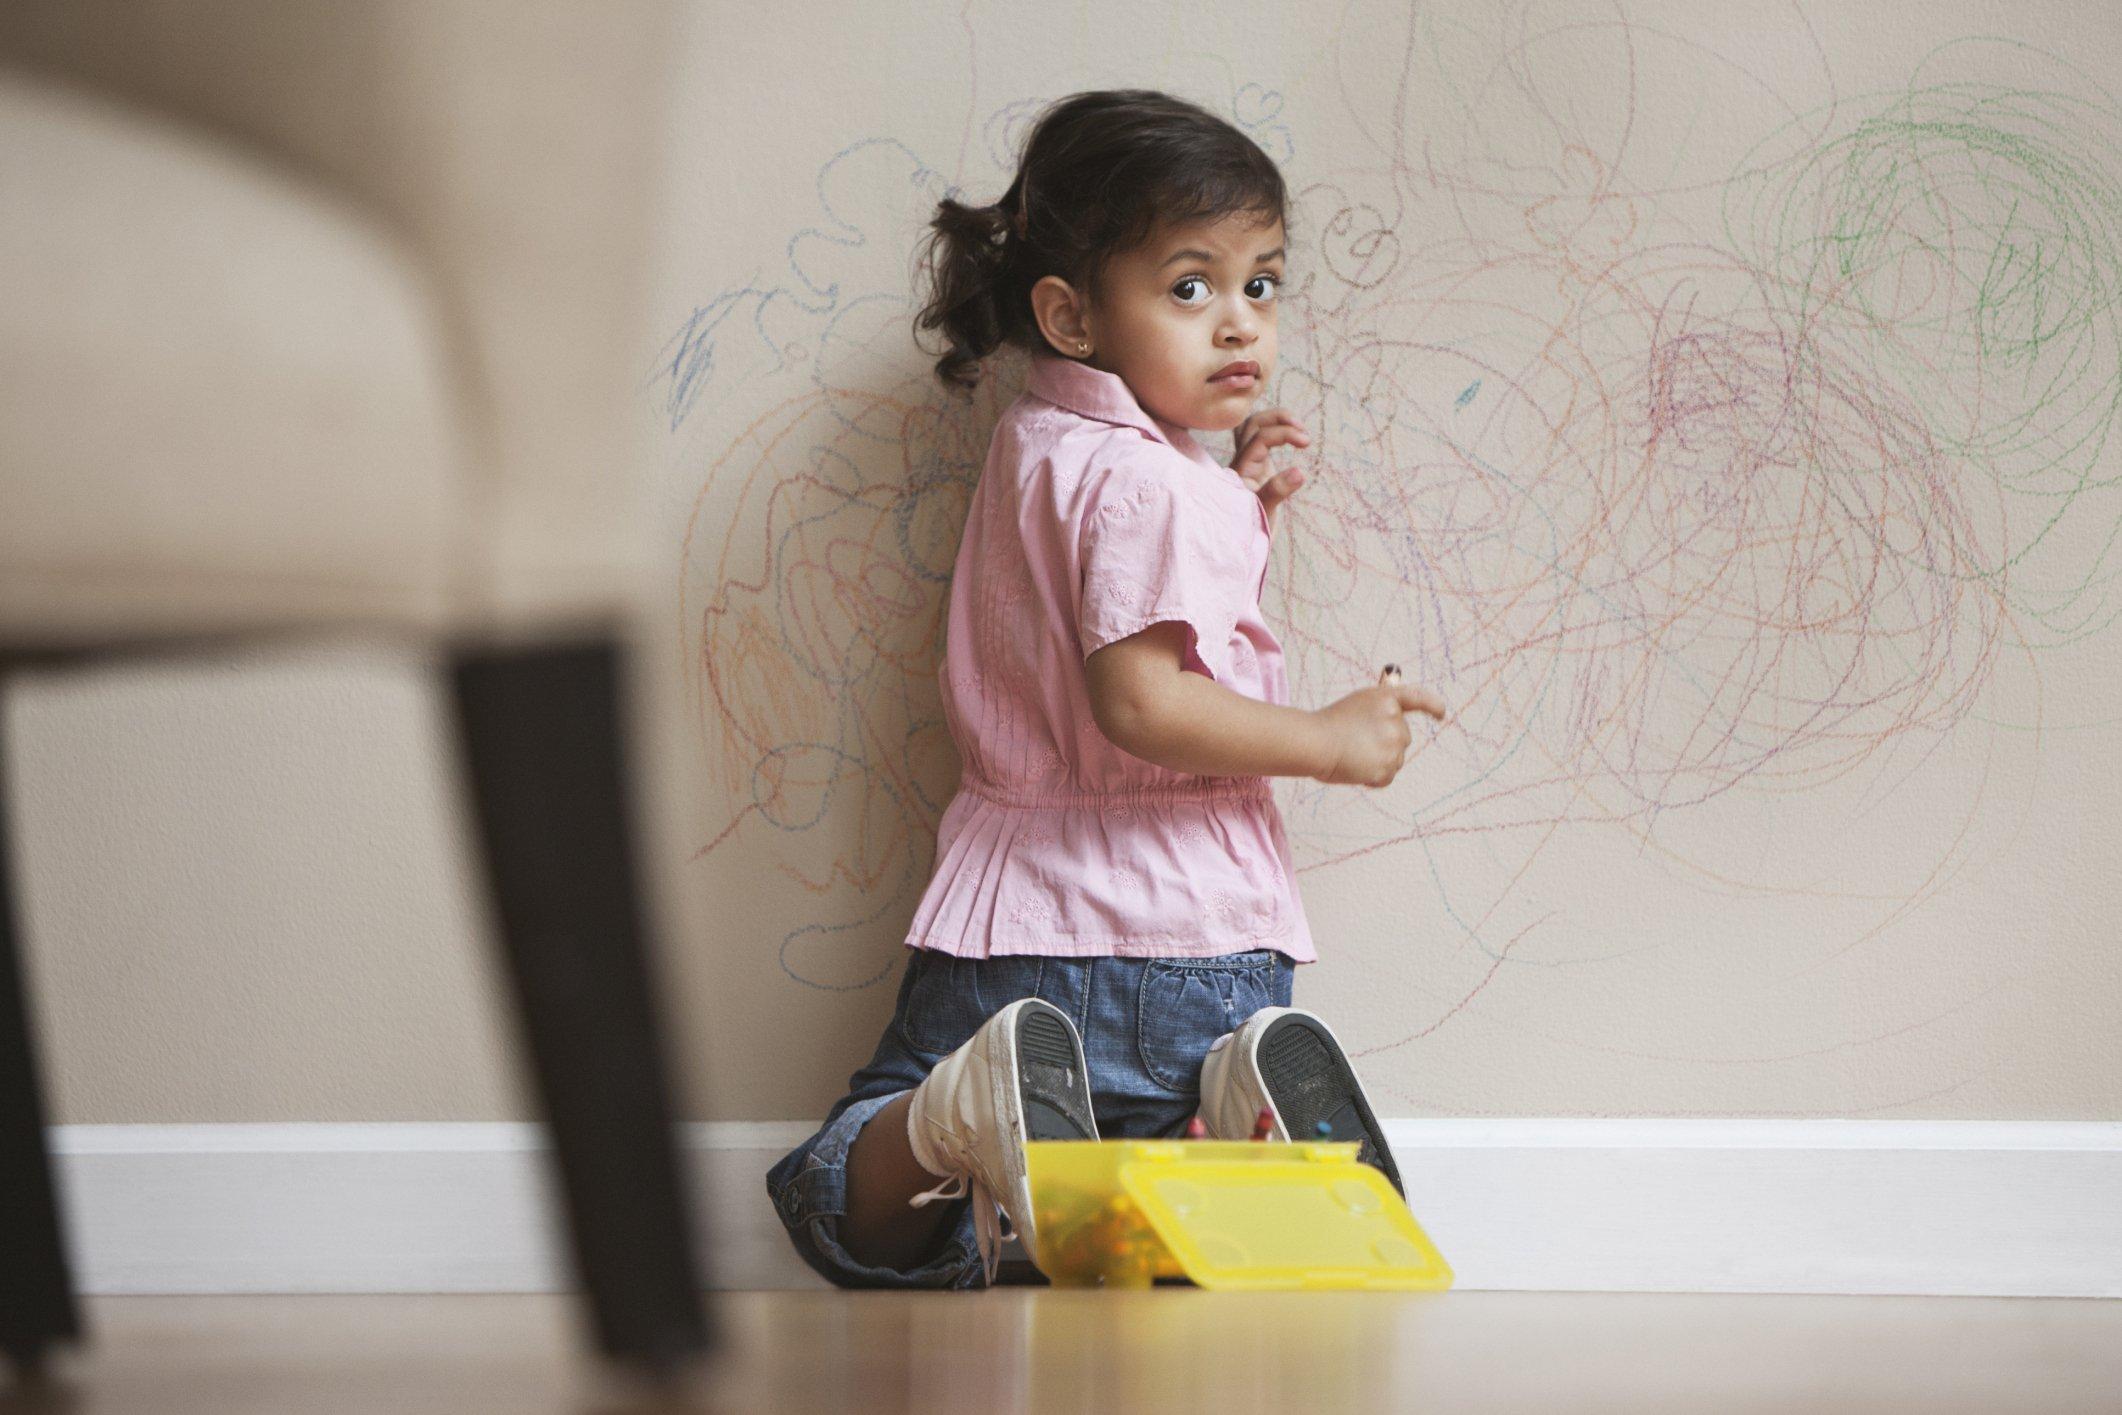 روش های برخورد با کودک لجباز و پرخاشگر